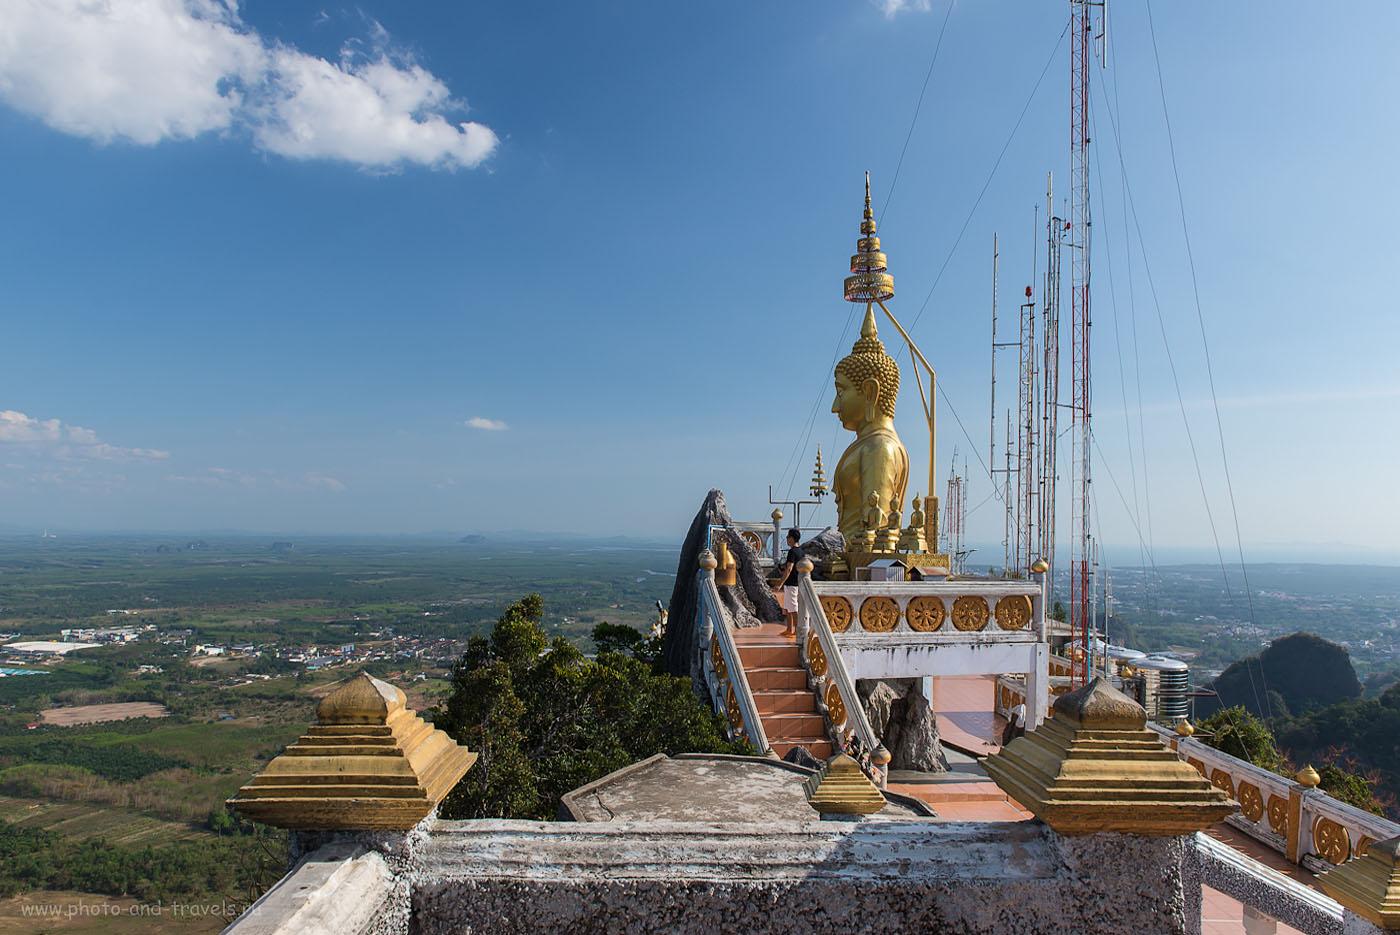 Фотография 20. Спокойствие на высоте. Экскурсии на Краби самостоятельно. Отчет об отдыхе в Таиланде самостоятельно (200, 24, 9.0, 1/320)